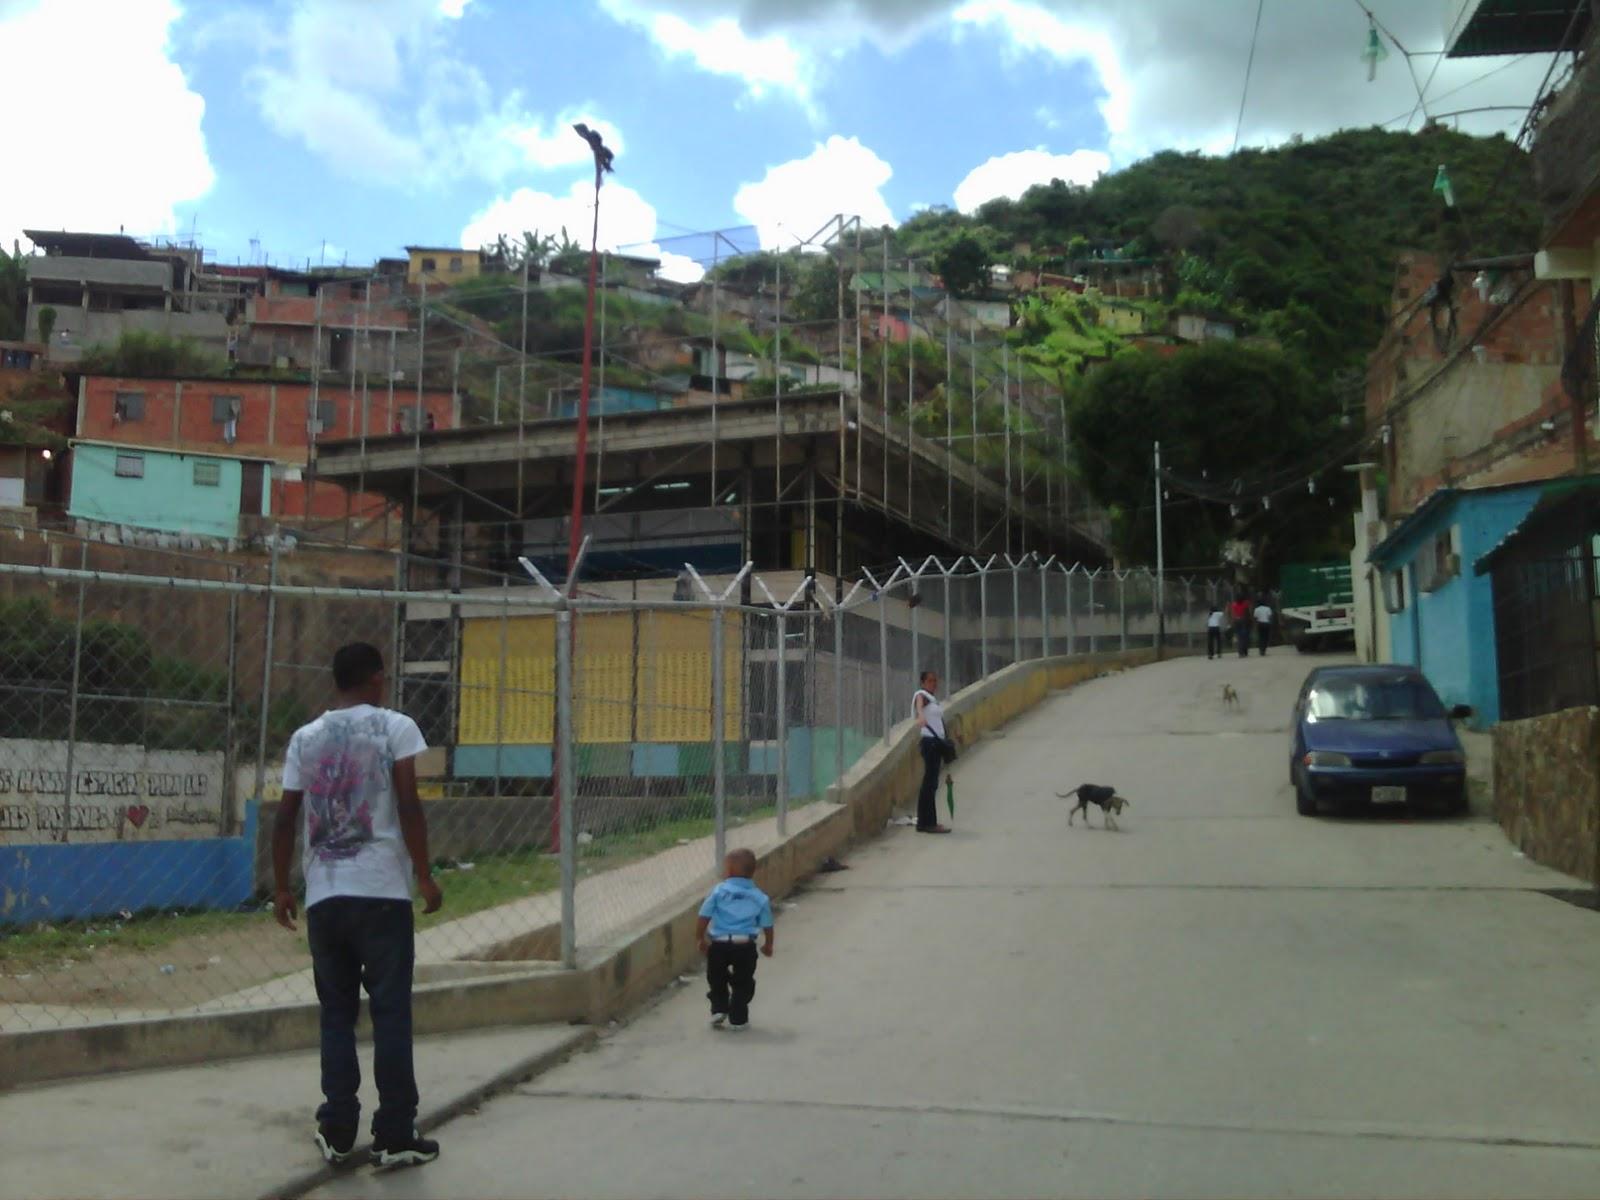 calle el petroleo, 24 de enero 2012 c